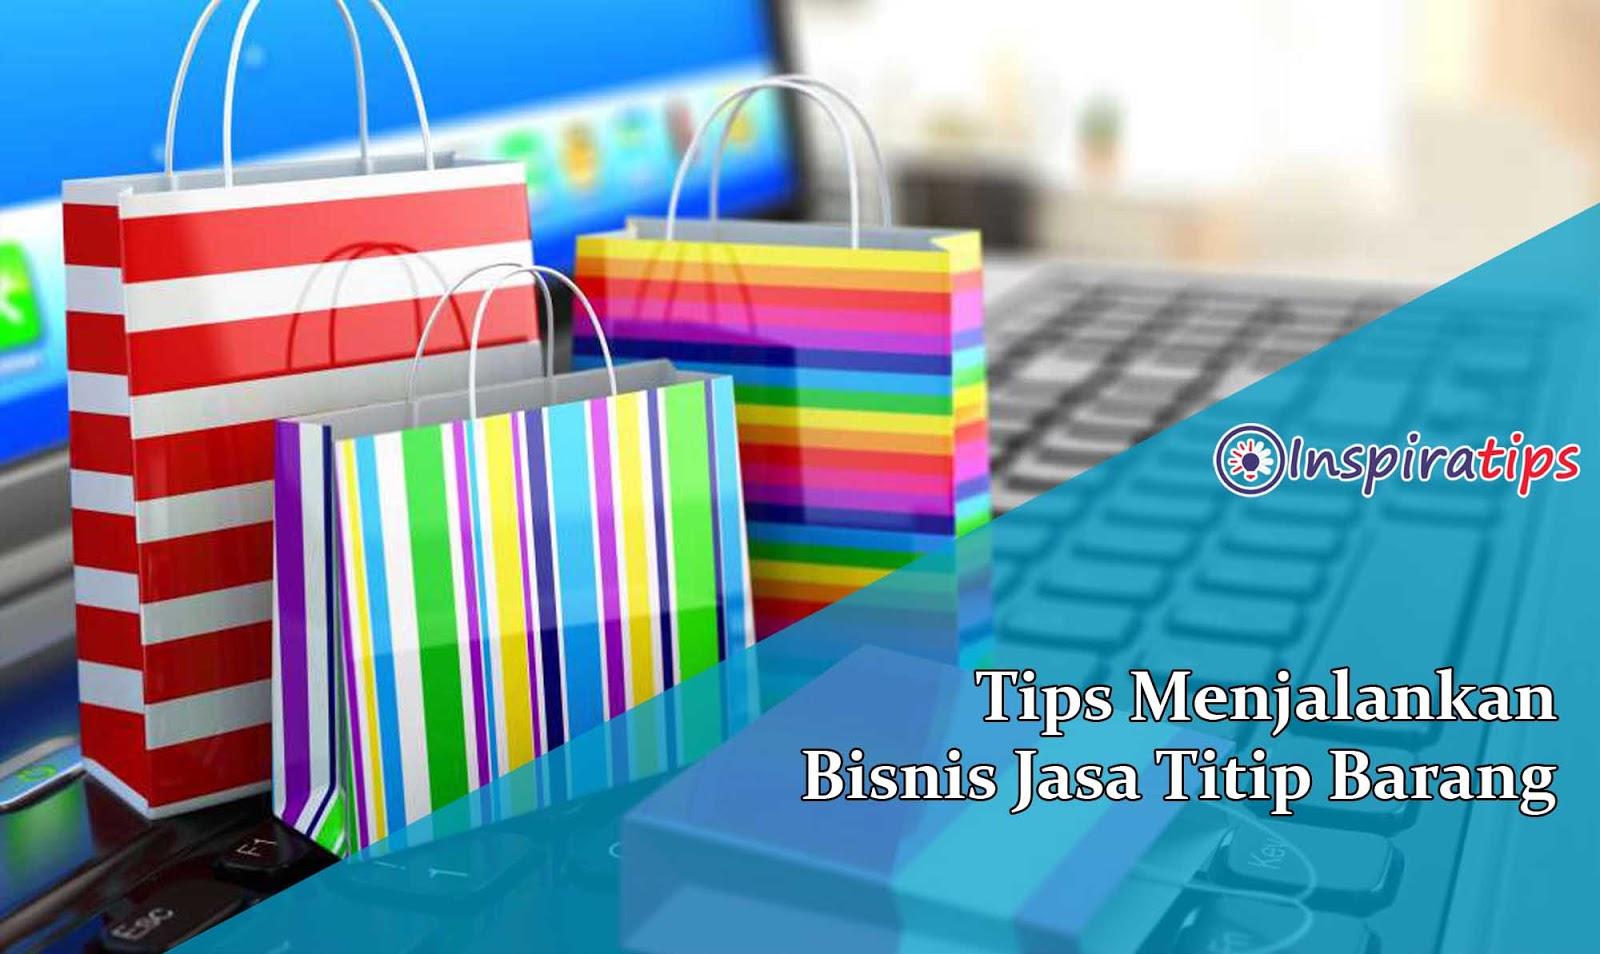 Jasa Titip Barang